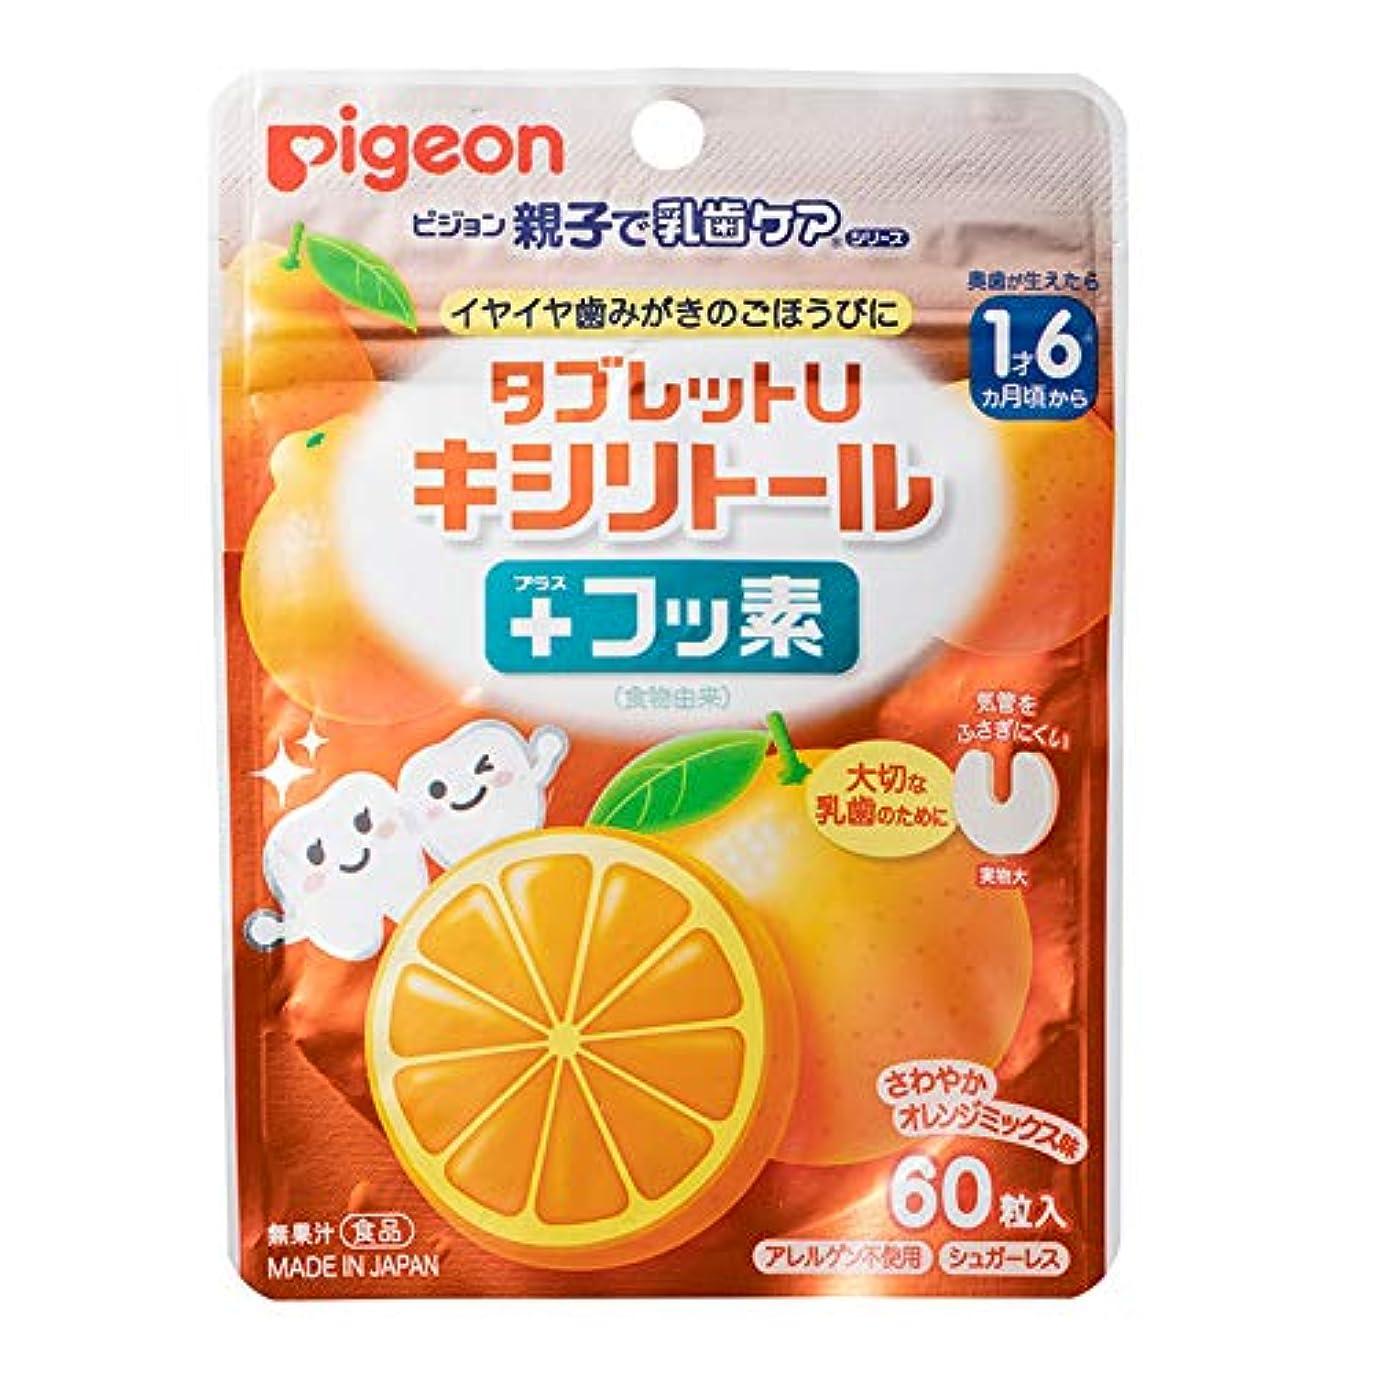 換気する封建取得するピジョン(Pigeon) タブレットUキシリトール+フッ素 オレンジミックス味60粒入 アレルゲン不使用 シュガーレス 【1歳6ヵ月頃から】